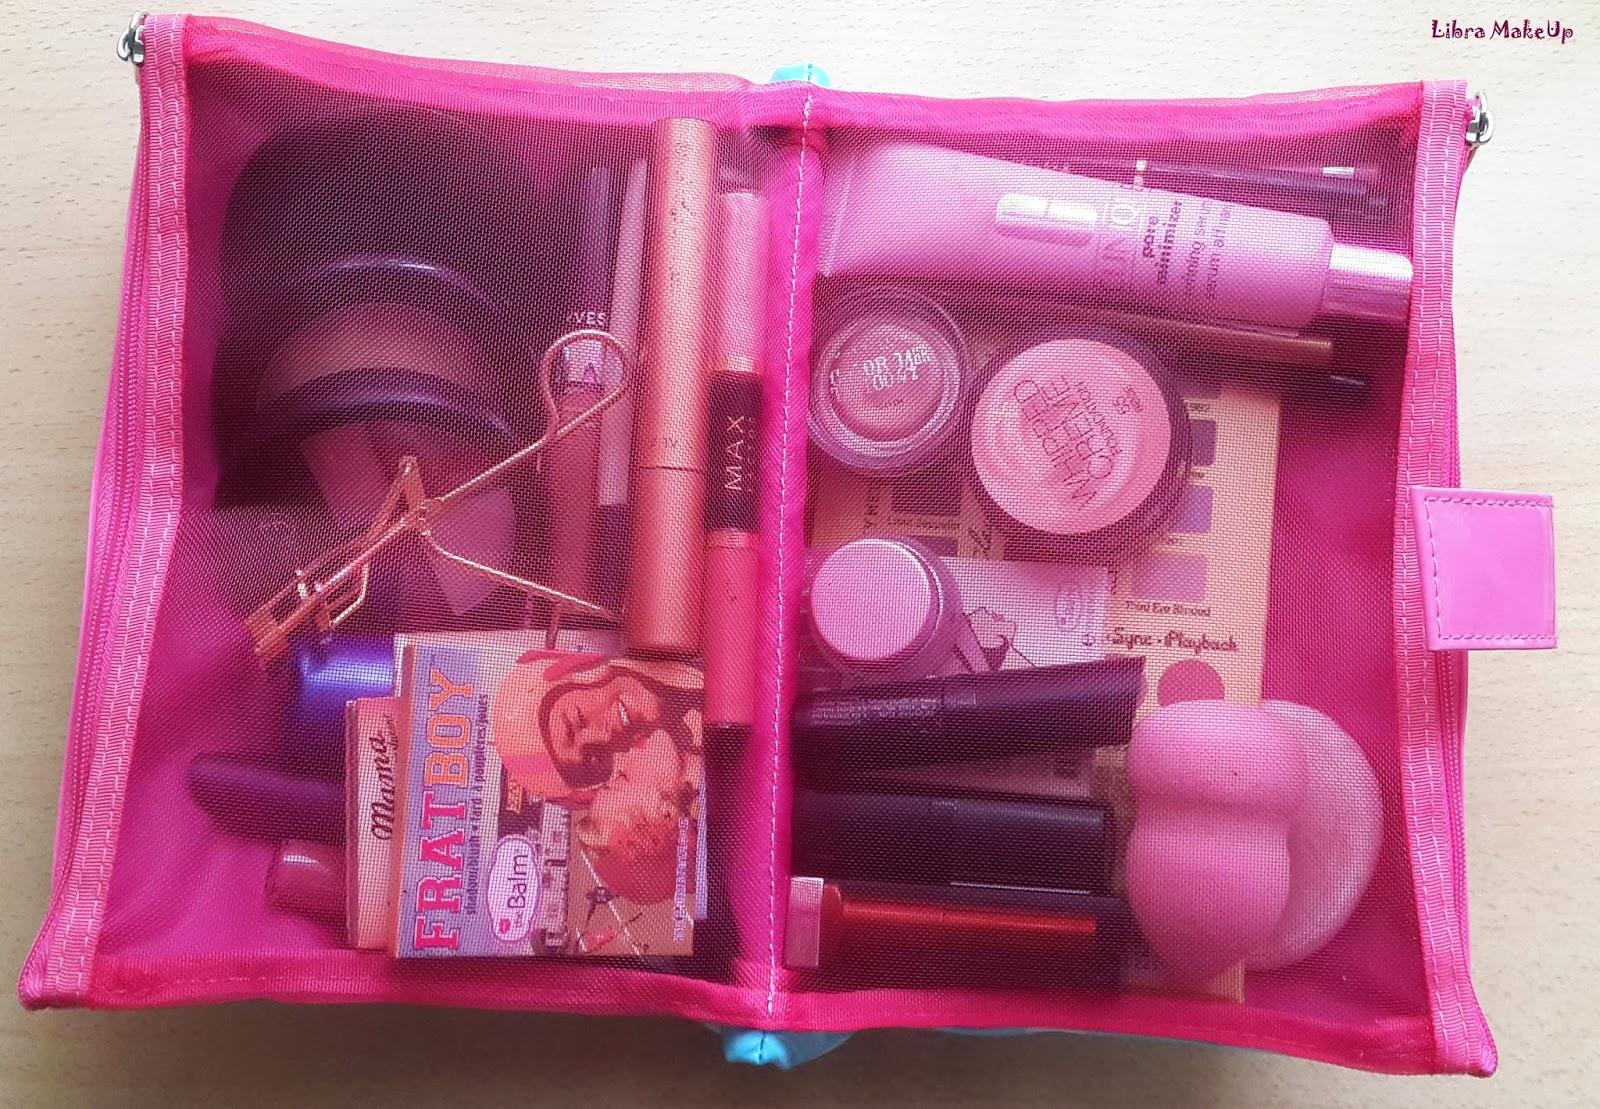 kozmetik çantası, cosmetic bag